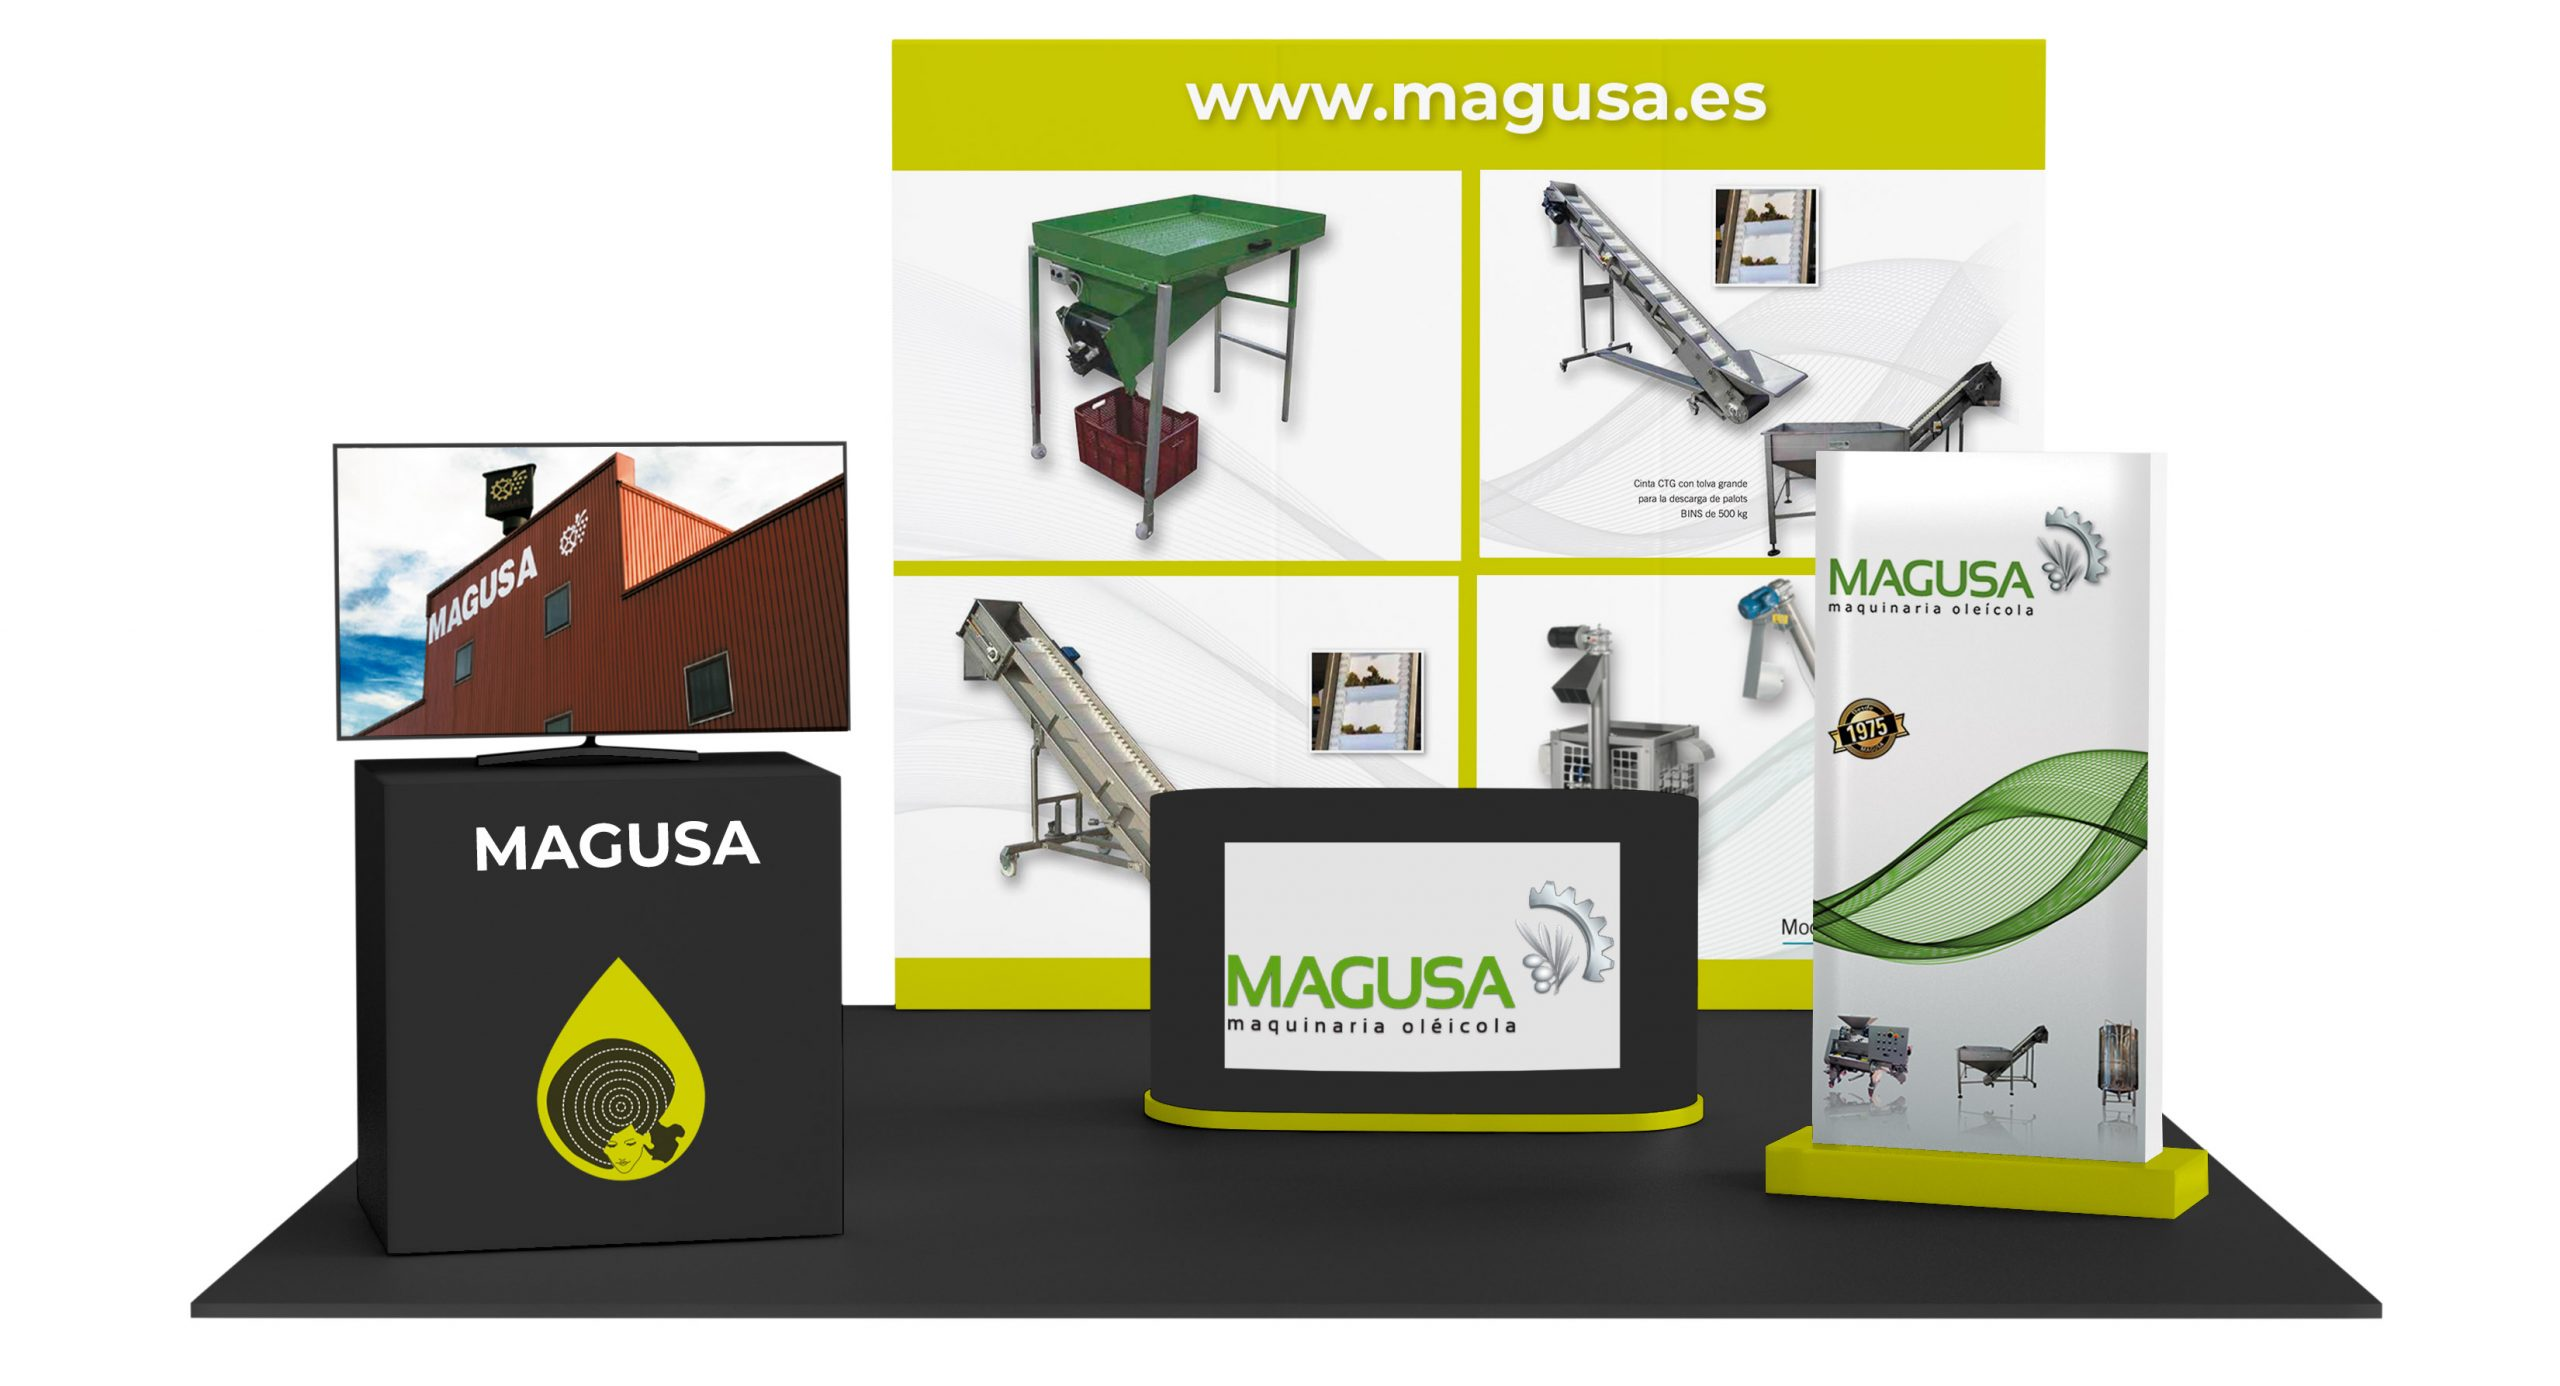 Magusa